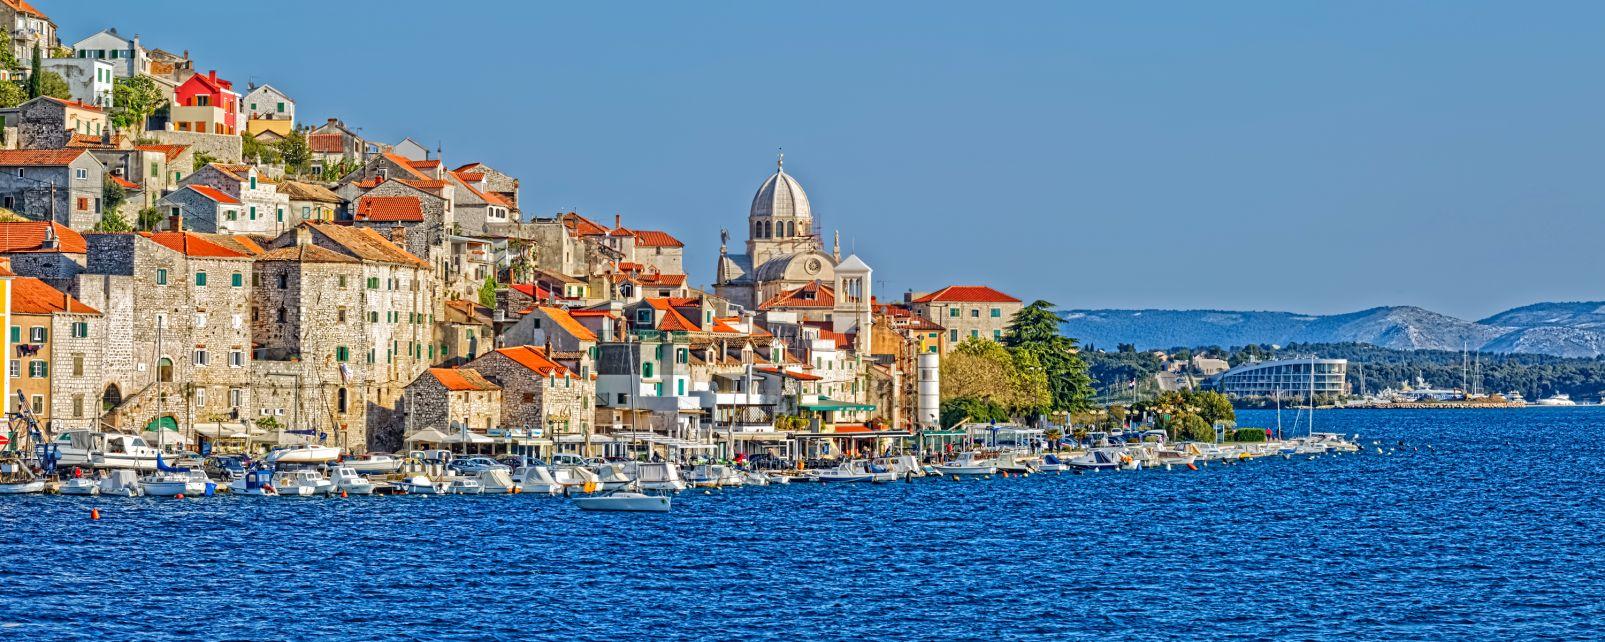 Les monuments, sibenik, dalmatie: croatie, afriatique, europe, cathédrale, église